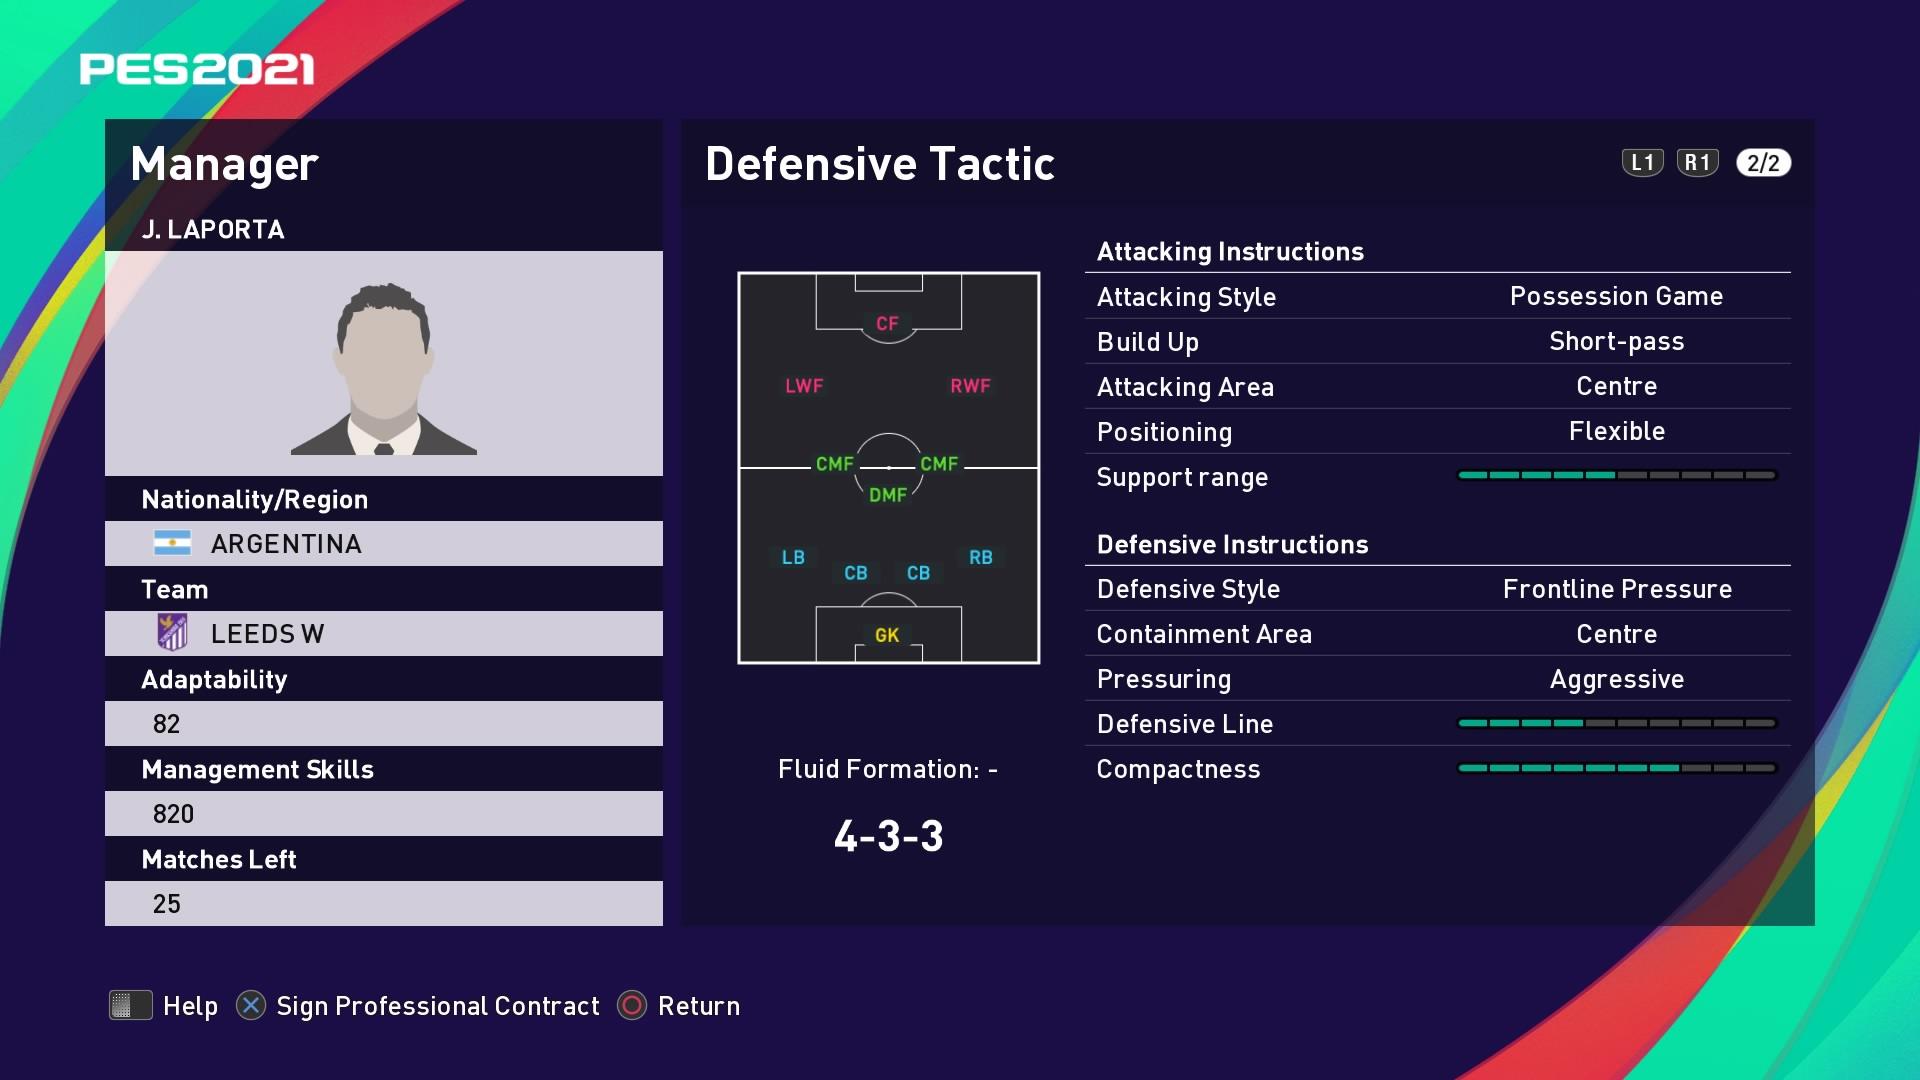 J. Laporta (Marcelo Bielsa) Defensive Tactic in PES 2021 myClub